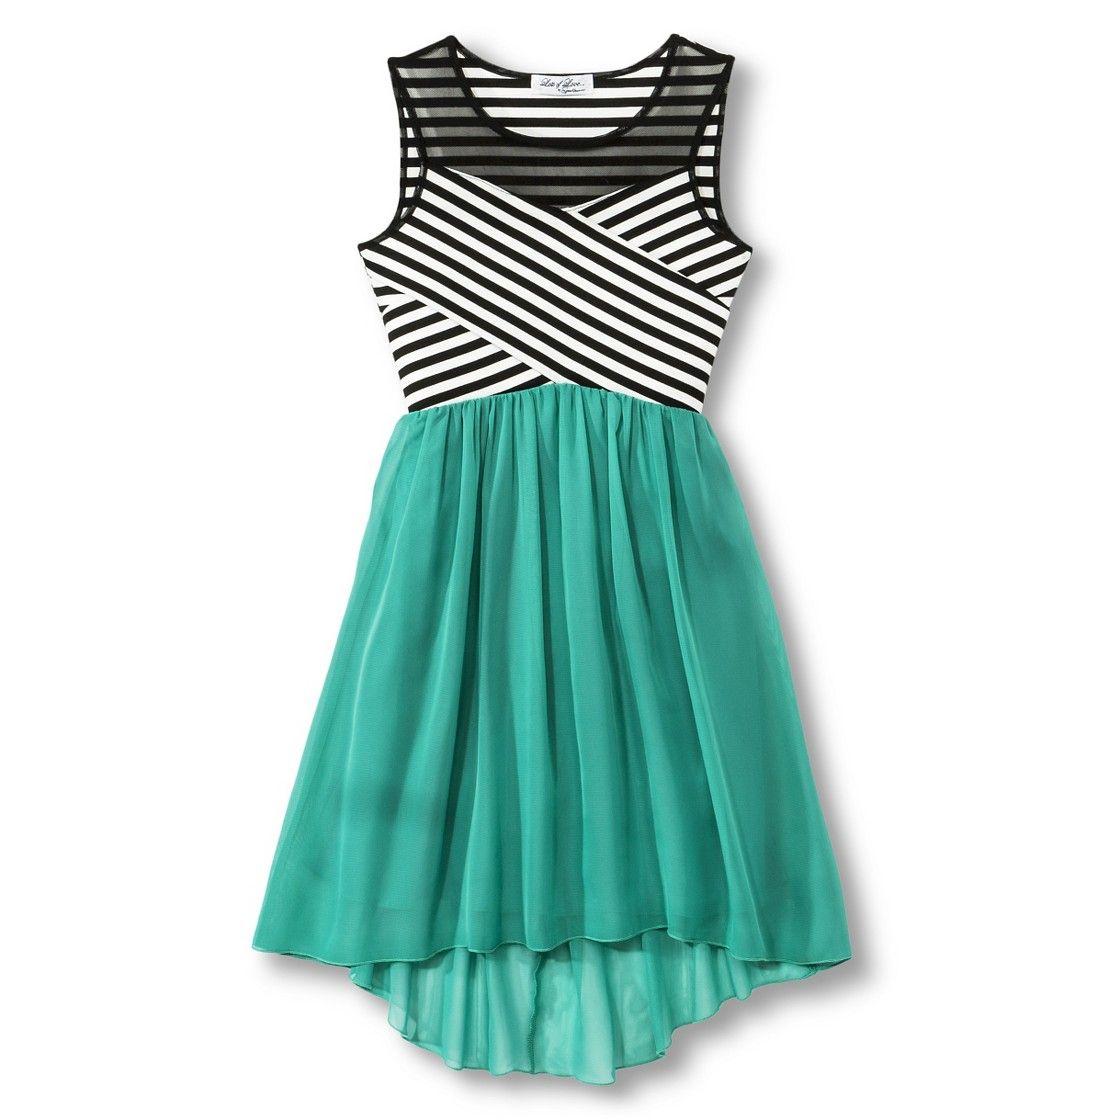 Girls A Line Dress Social Dresses Clothes Dresses For Tweens [ 1120 x 1120 Pixel ]